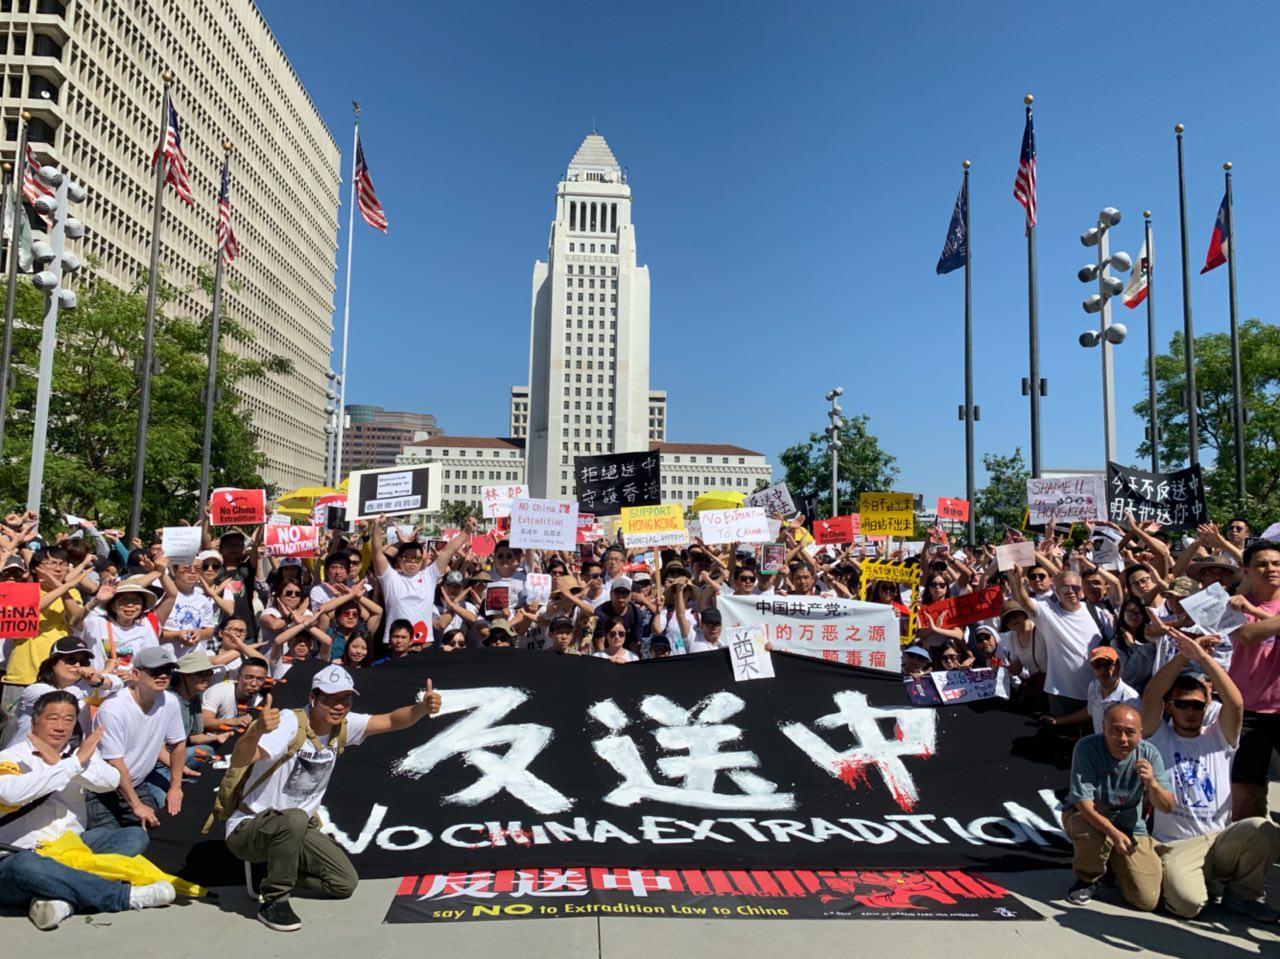 6月9日,數百名洛杉磯華人參加了位於市中心的反對「送中條例」集會,響應百萬香港市民上街抗議遊行,譴責中共破壞香港民主。(姜琳達/大紀元)